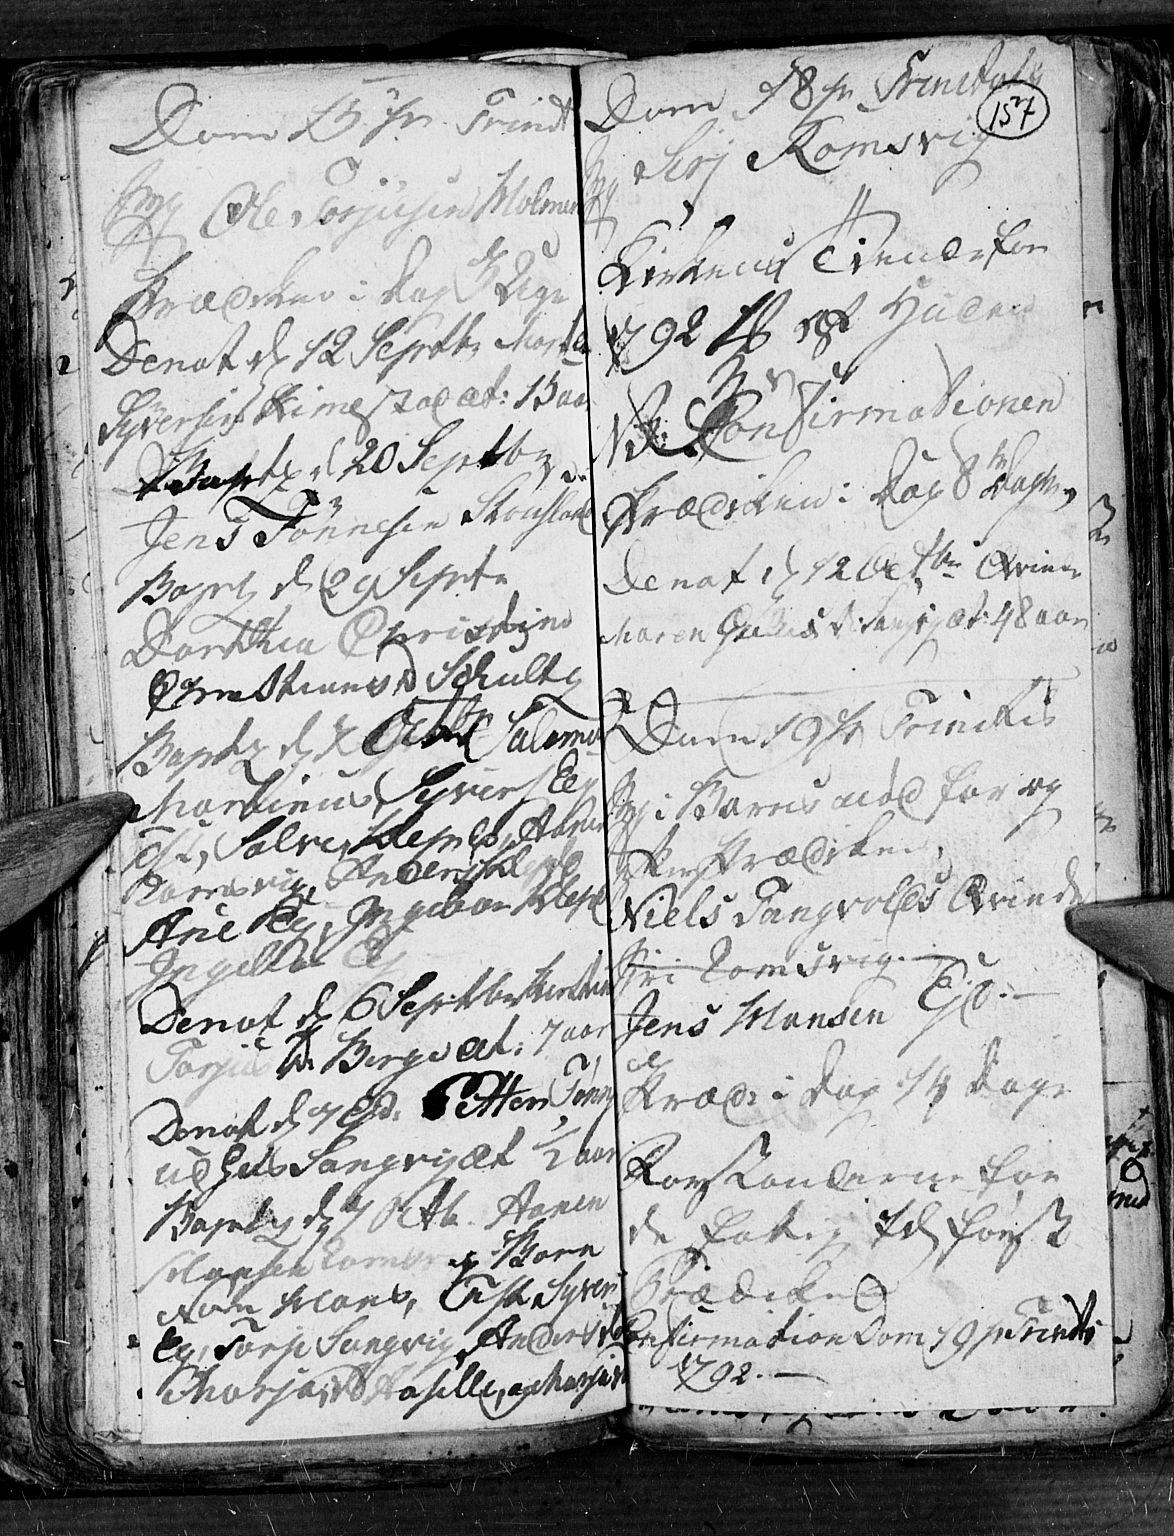 SAK, Søgne sokneprestkontor, F/Fb/Fbb/L0001: Klokkerbok nr. B 1, 1779-1802, s. 157